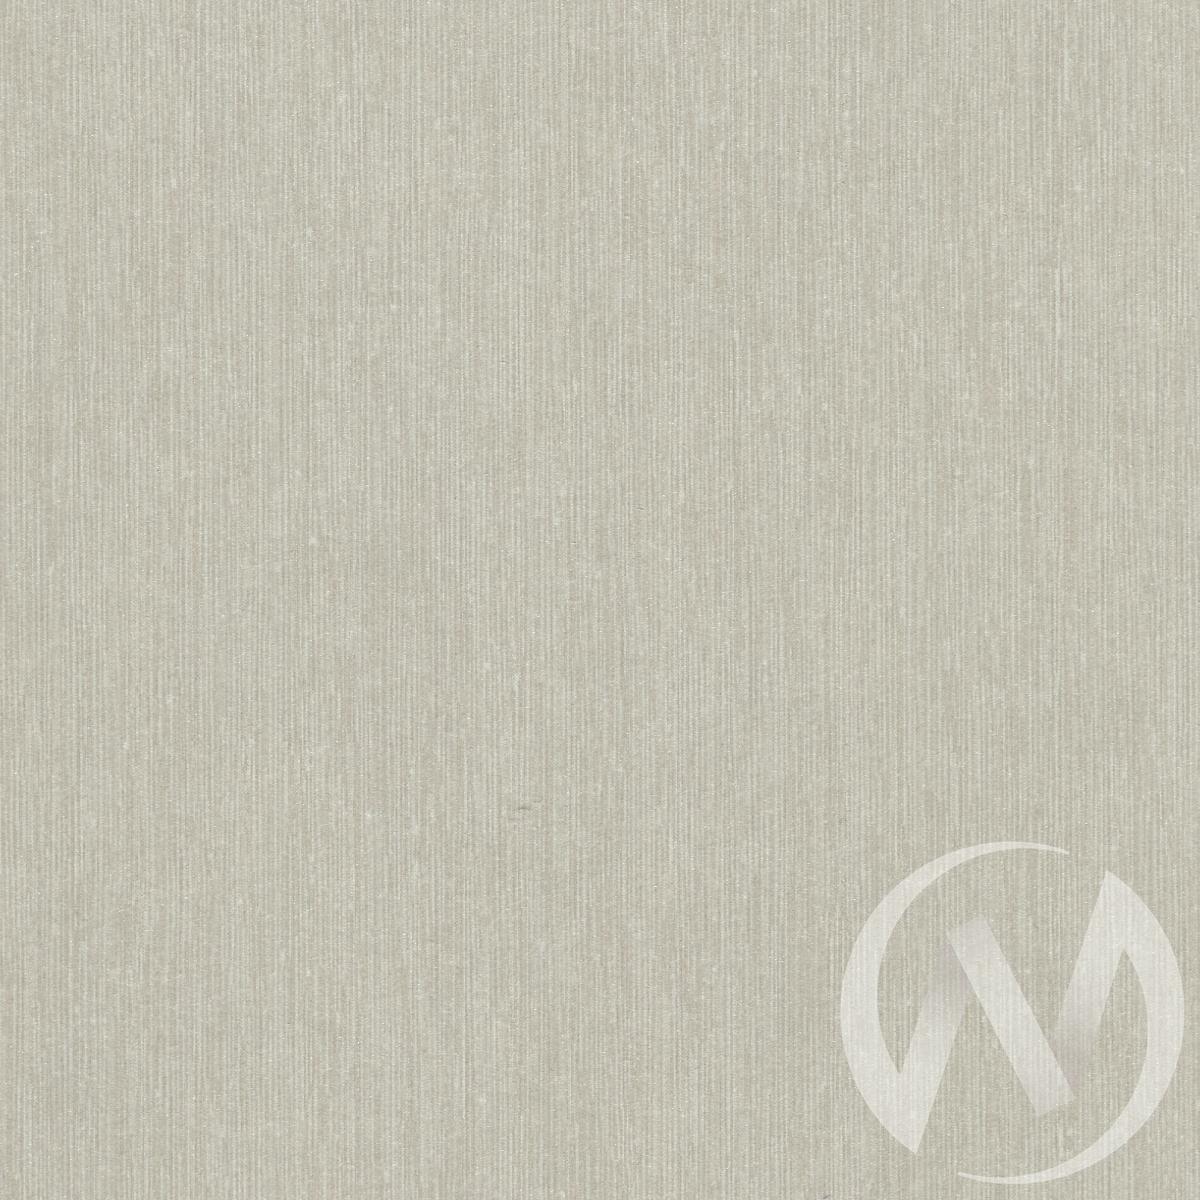 СТ-НТ 300 R Столешница 298*600*26 (№143а бежевый металл)  в Томске — интернет магазин МИРА-мебель